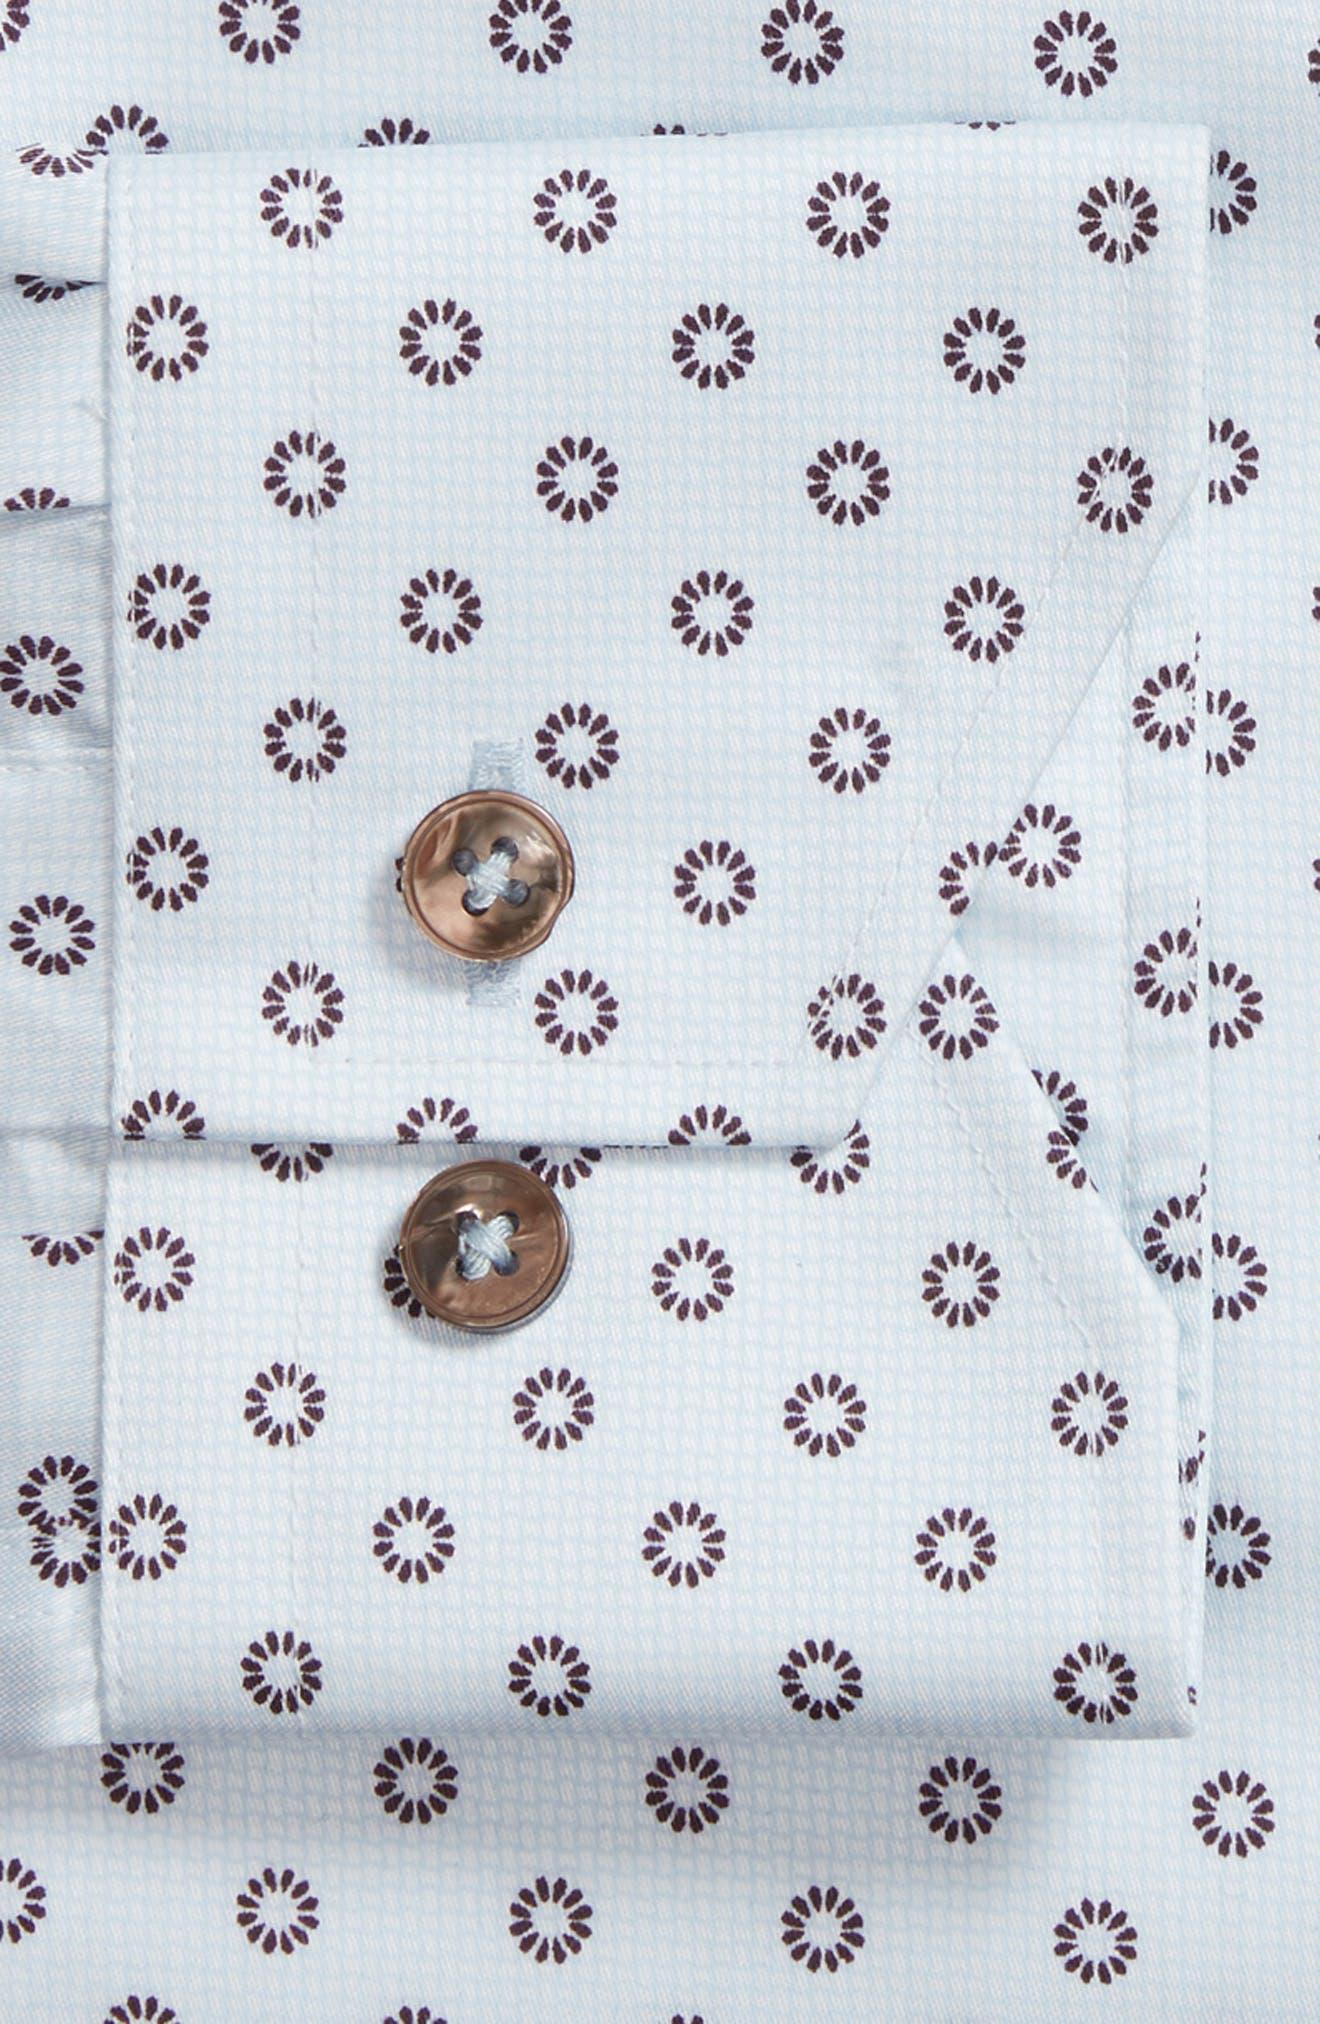 Trim Fit Floral Print Dress Shirt,                             Alternate thumbnail 5, color,                             Light Blue